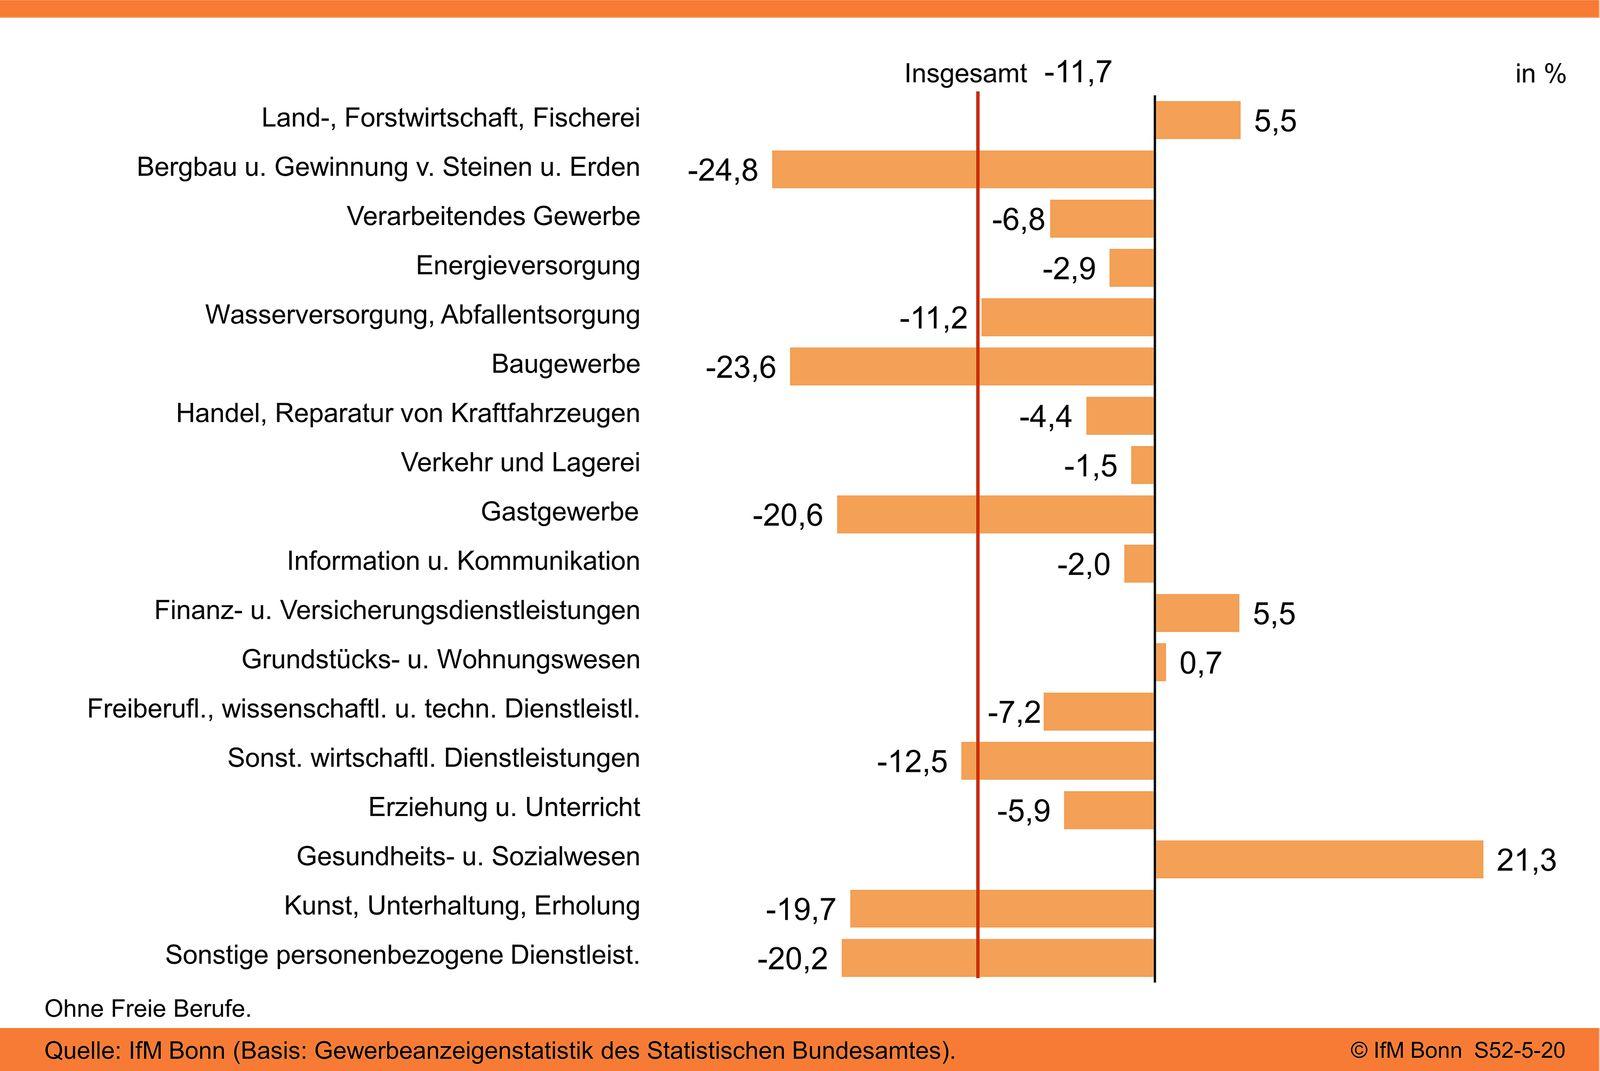 Entwicklung der gewerblichen Existenzgründungen nach Wirtschaftszweigen (Vergleich 2020-2019)